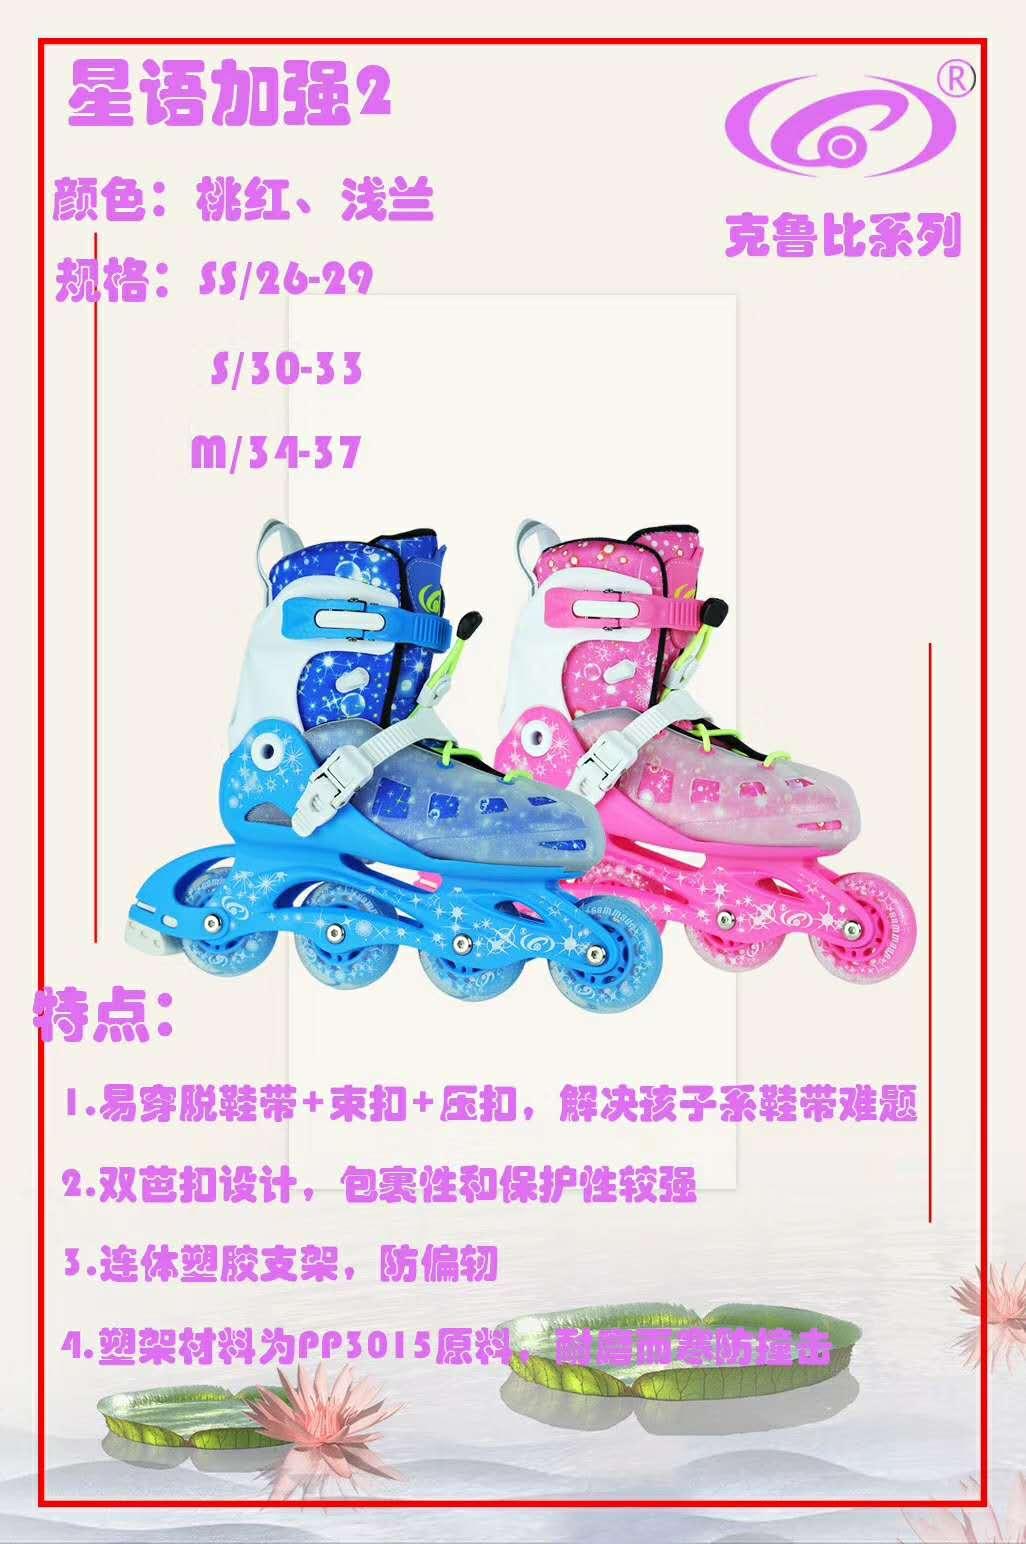 初级轮滑鞋-星语